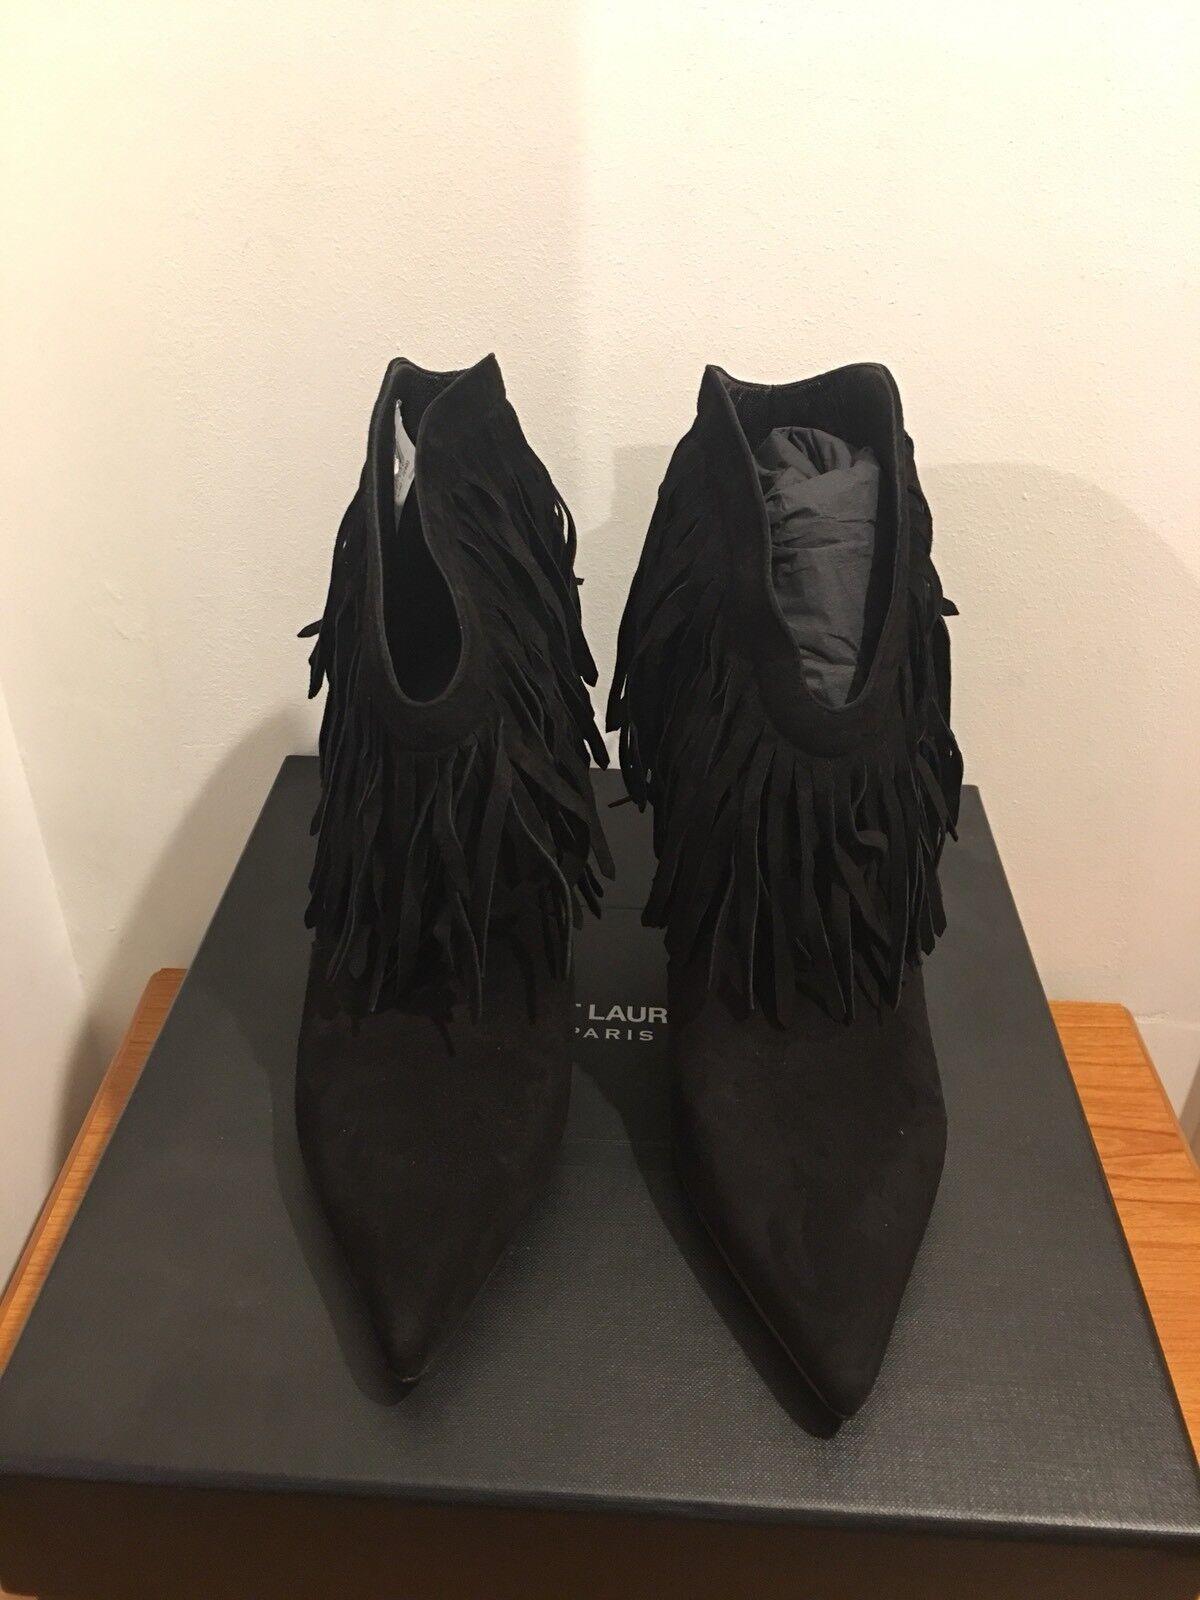 SAINT LAURENT  Stiefel Paris Fringe Suede Ankle Stiefel  Größe UK 5/EU 38 Sold Out 35a2c2